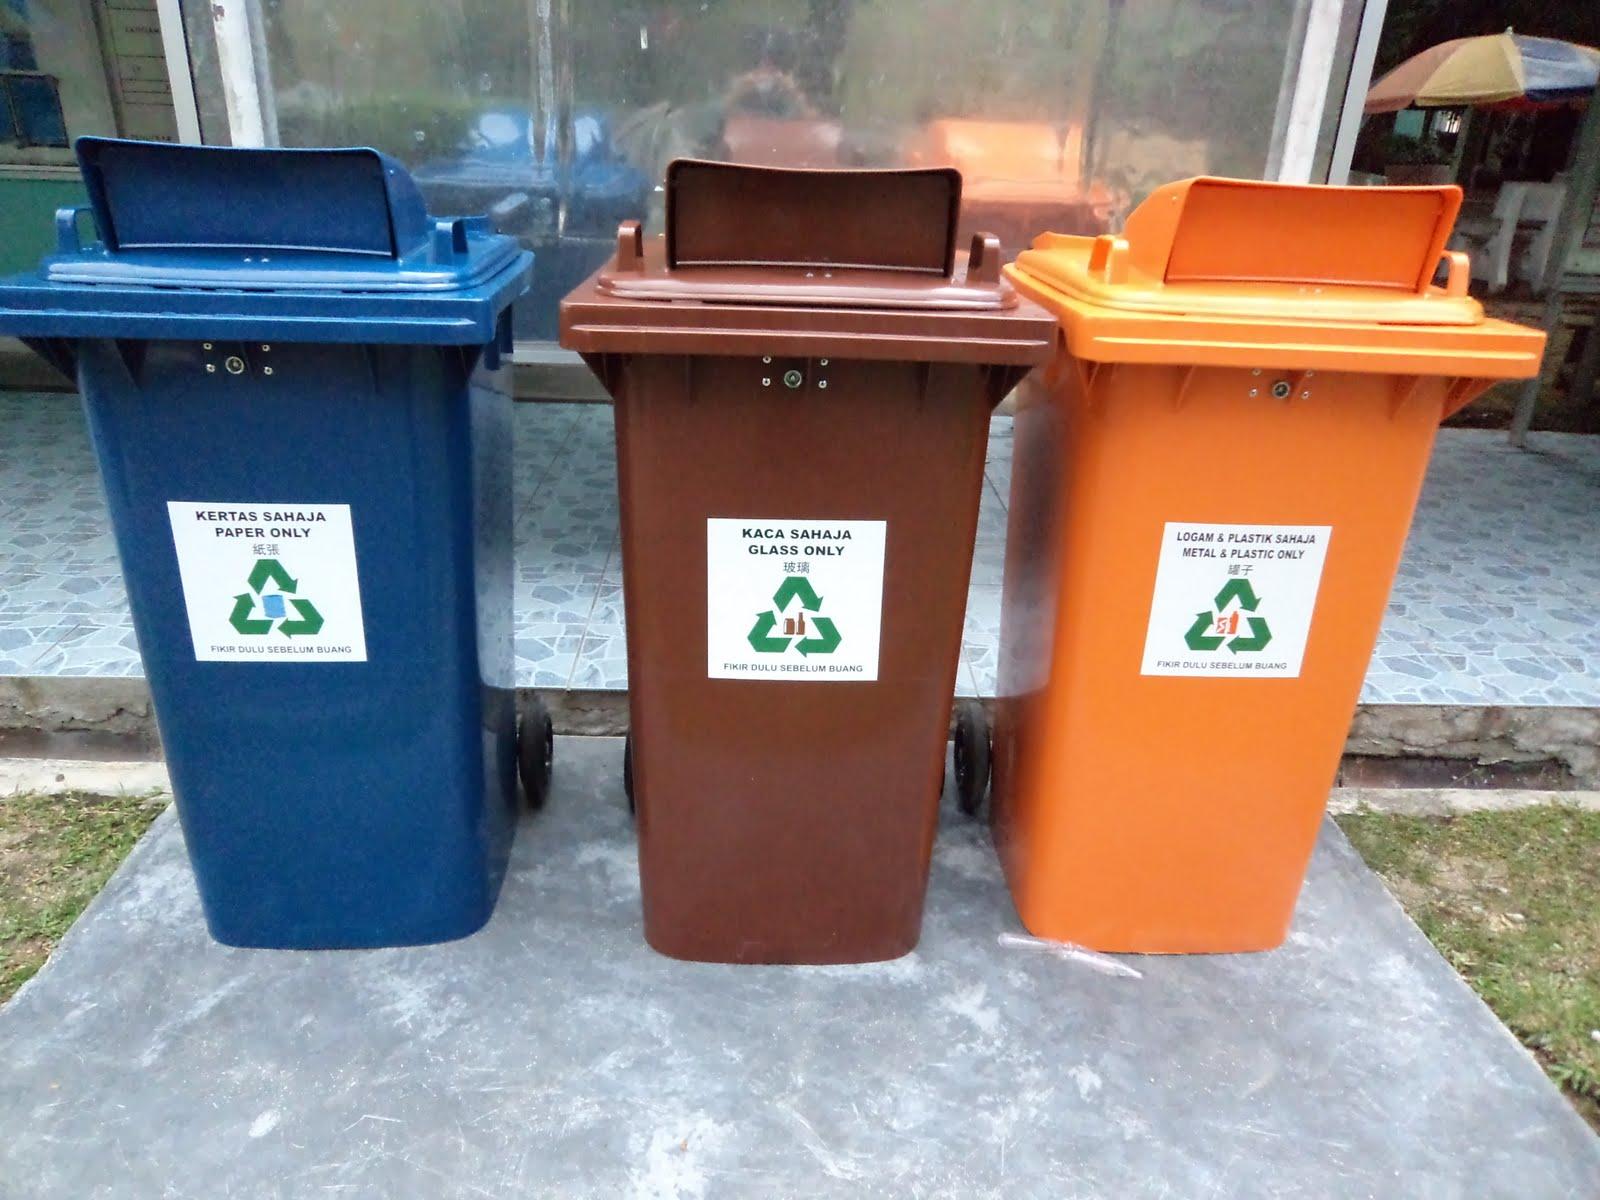 Раздельный сбор мусора поможет сэкономить бюджетные расходы